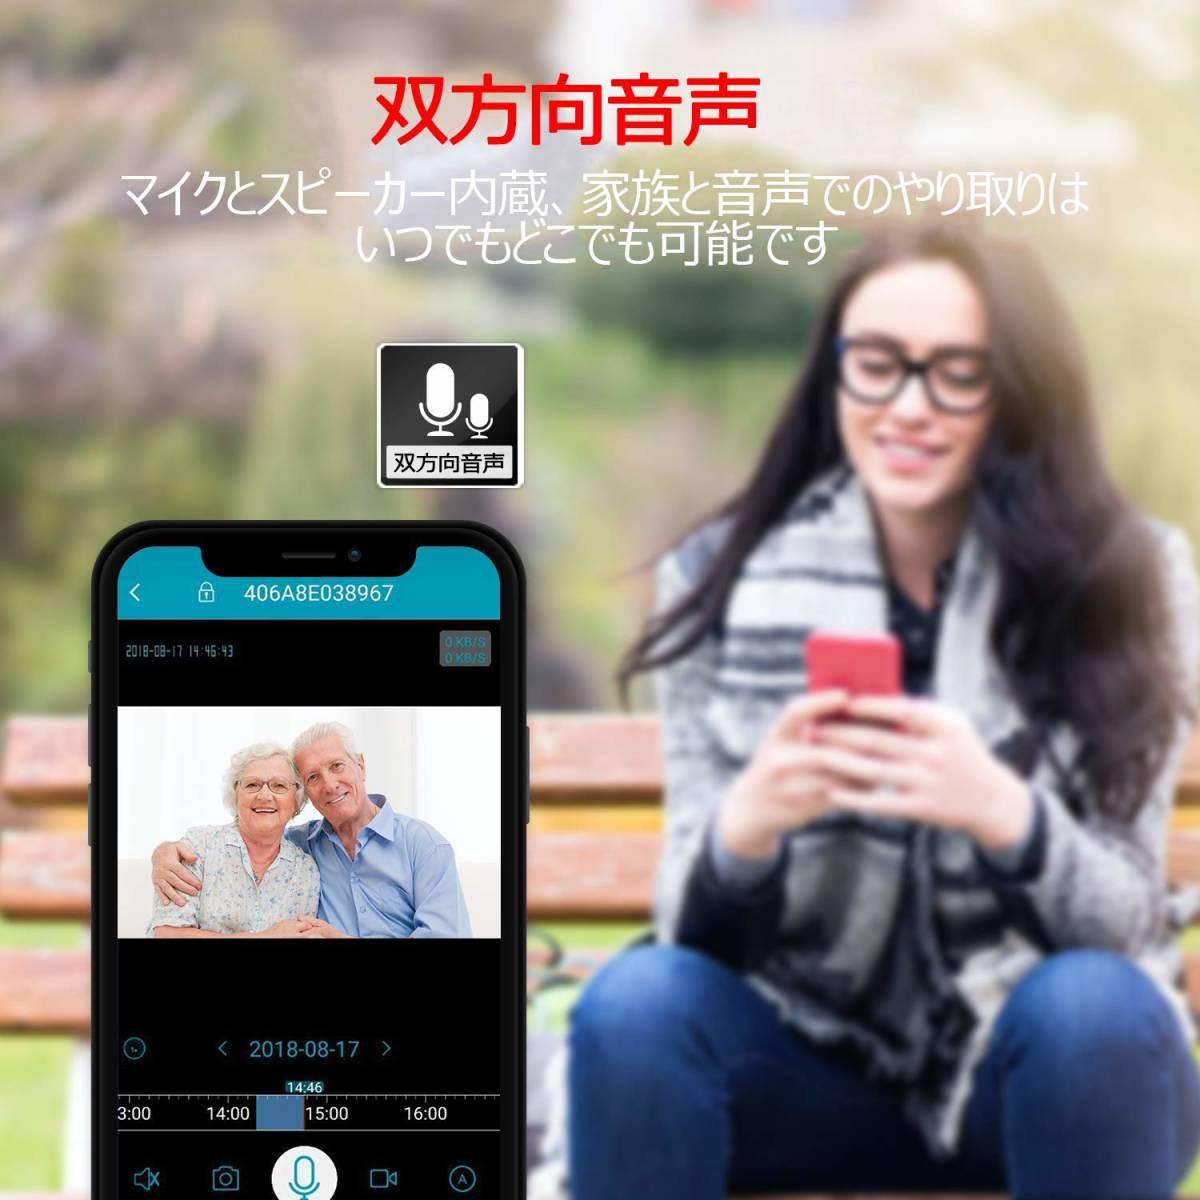 【新品未使用】ネットワークカメラ WiFi 1080P 200万画素 監視カメラ ipカメラ ベビーモニター 双方向音声 暗視機能 録画可能 技適認証済み_画像5